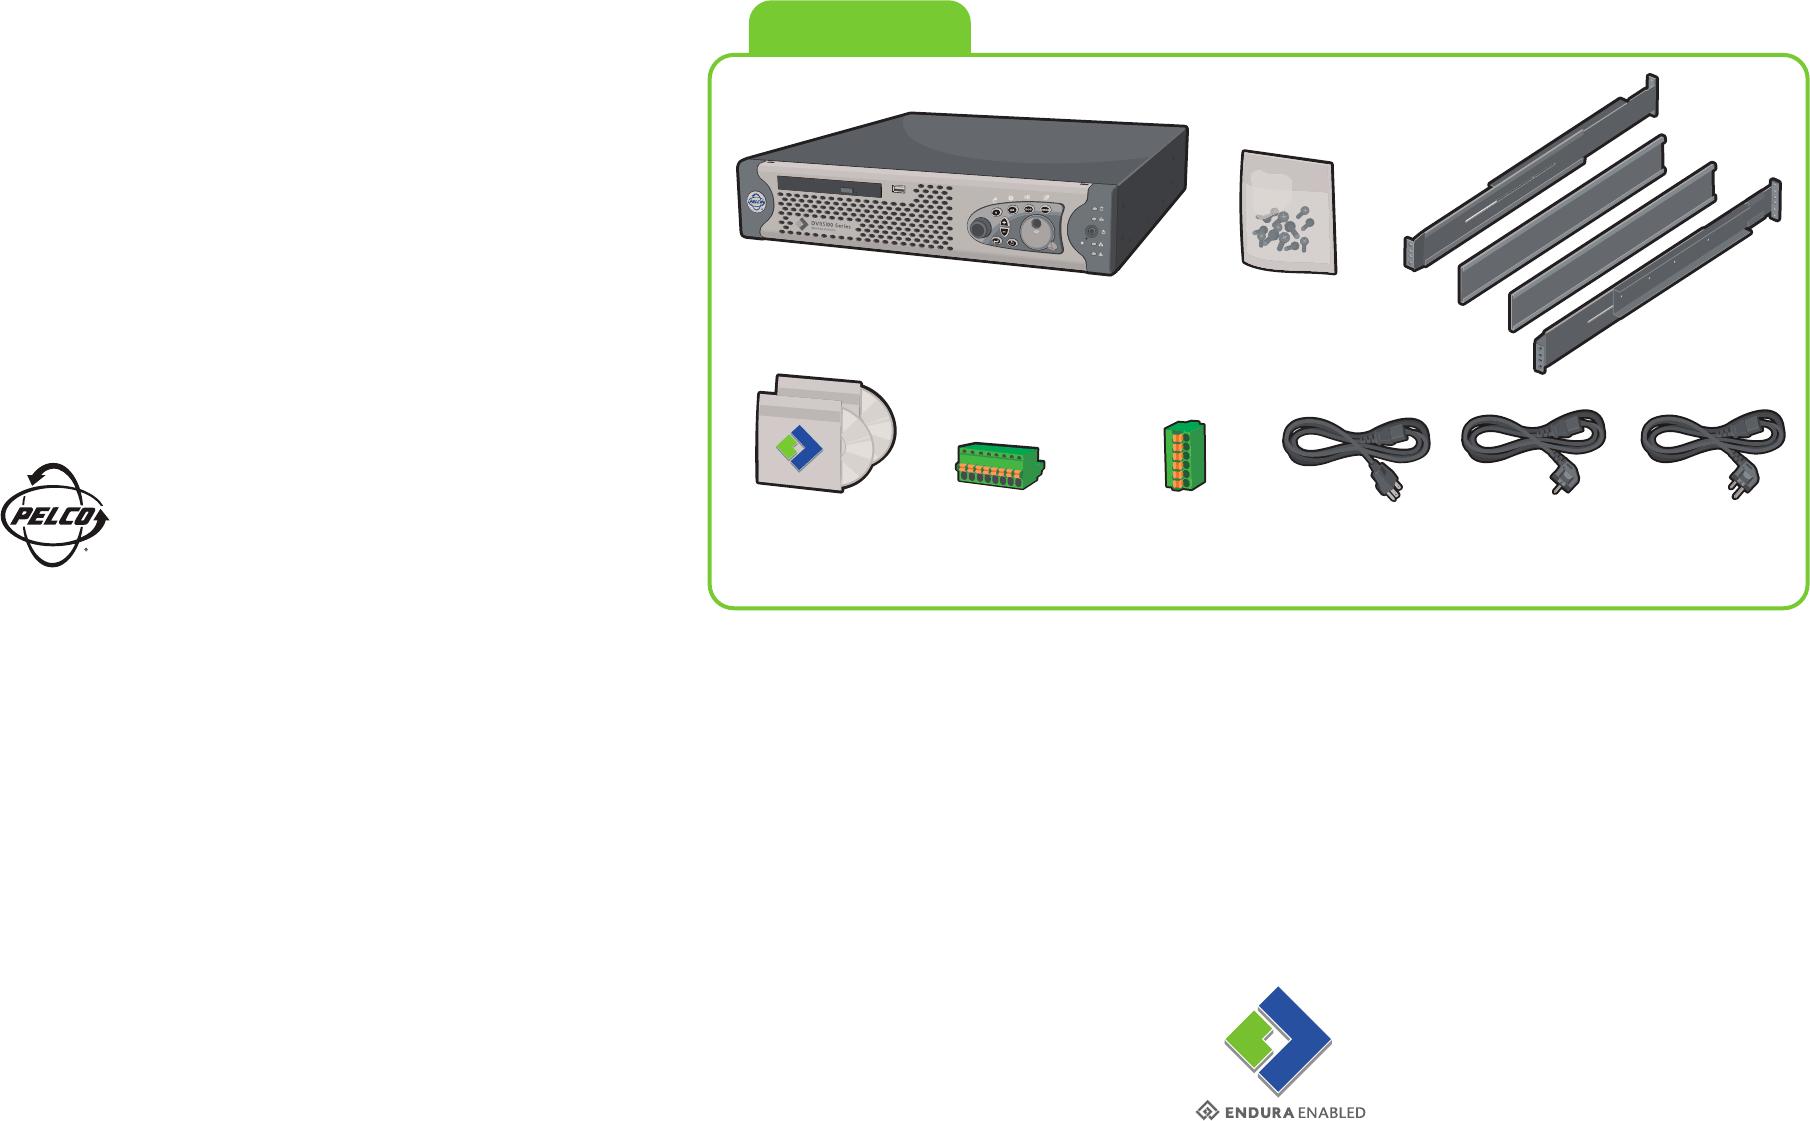 pelco dvr dvr5100 user guide manualsonline com rh tv manualsonline com